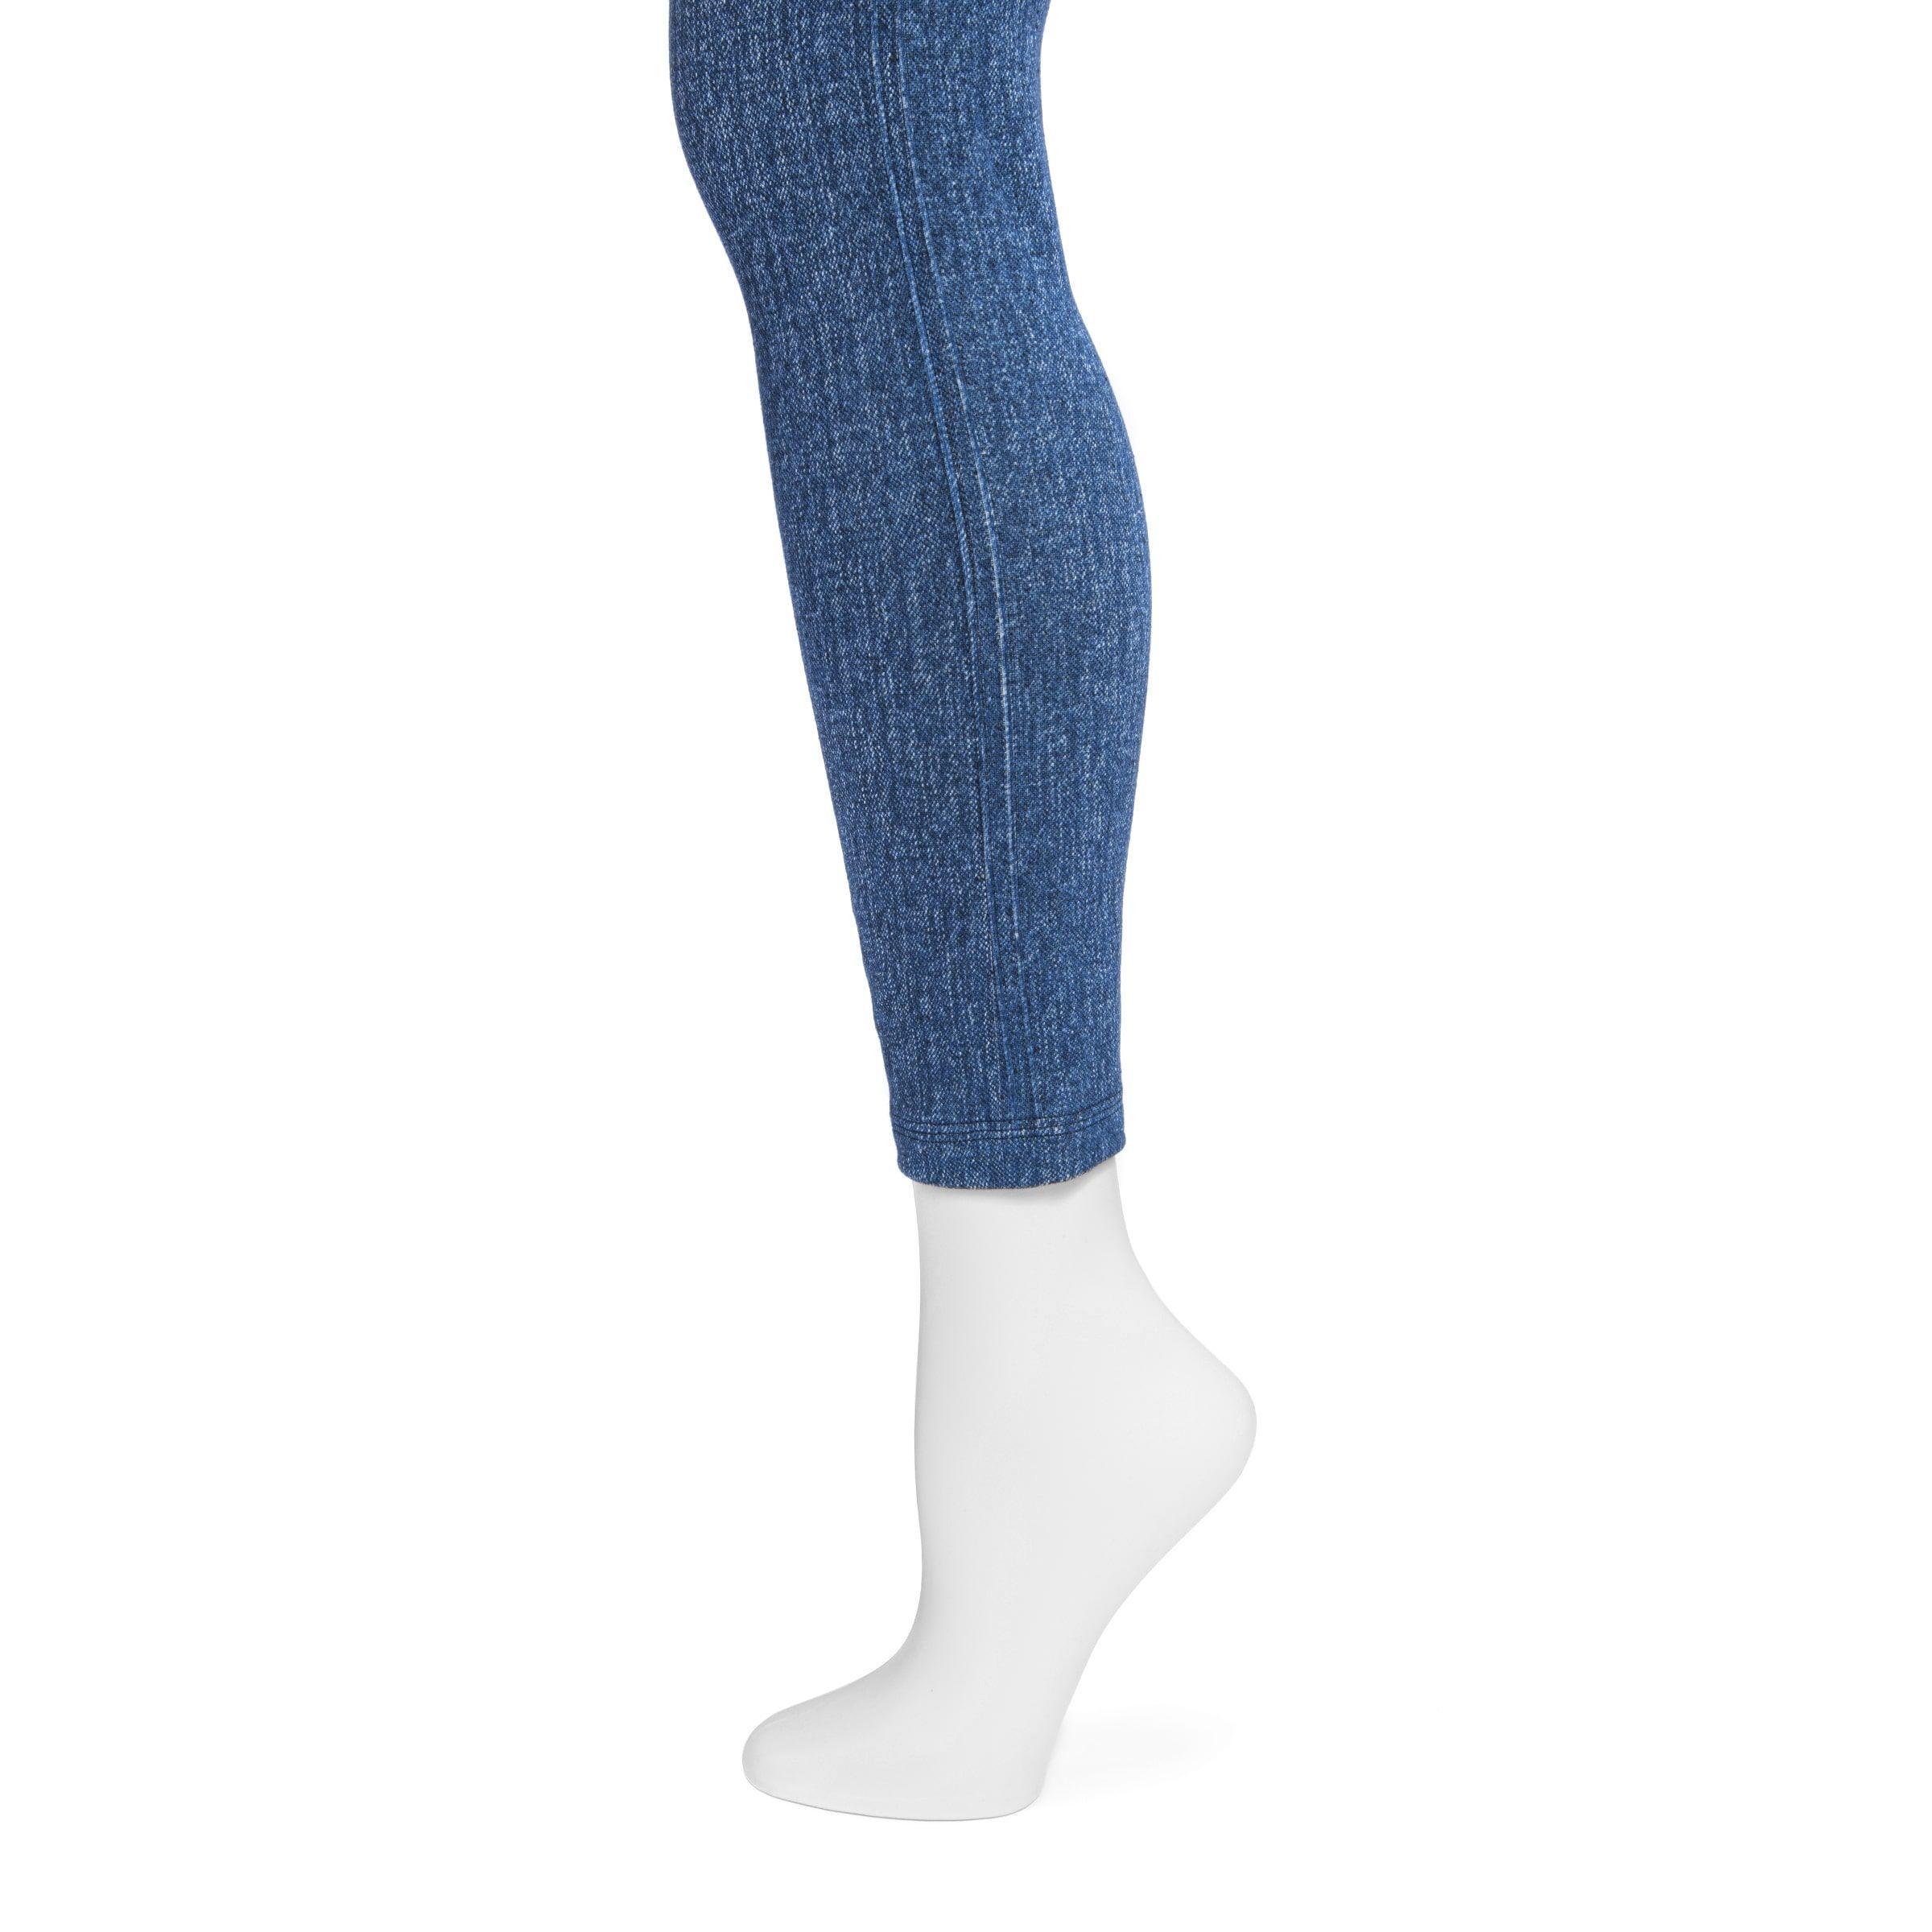 7bf48bcf6afd39 MUK Luks Women's Navy (Blue) Printed Leggings (M/L Navy), Size: Medium/Large